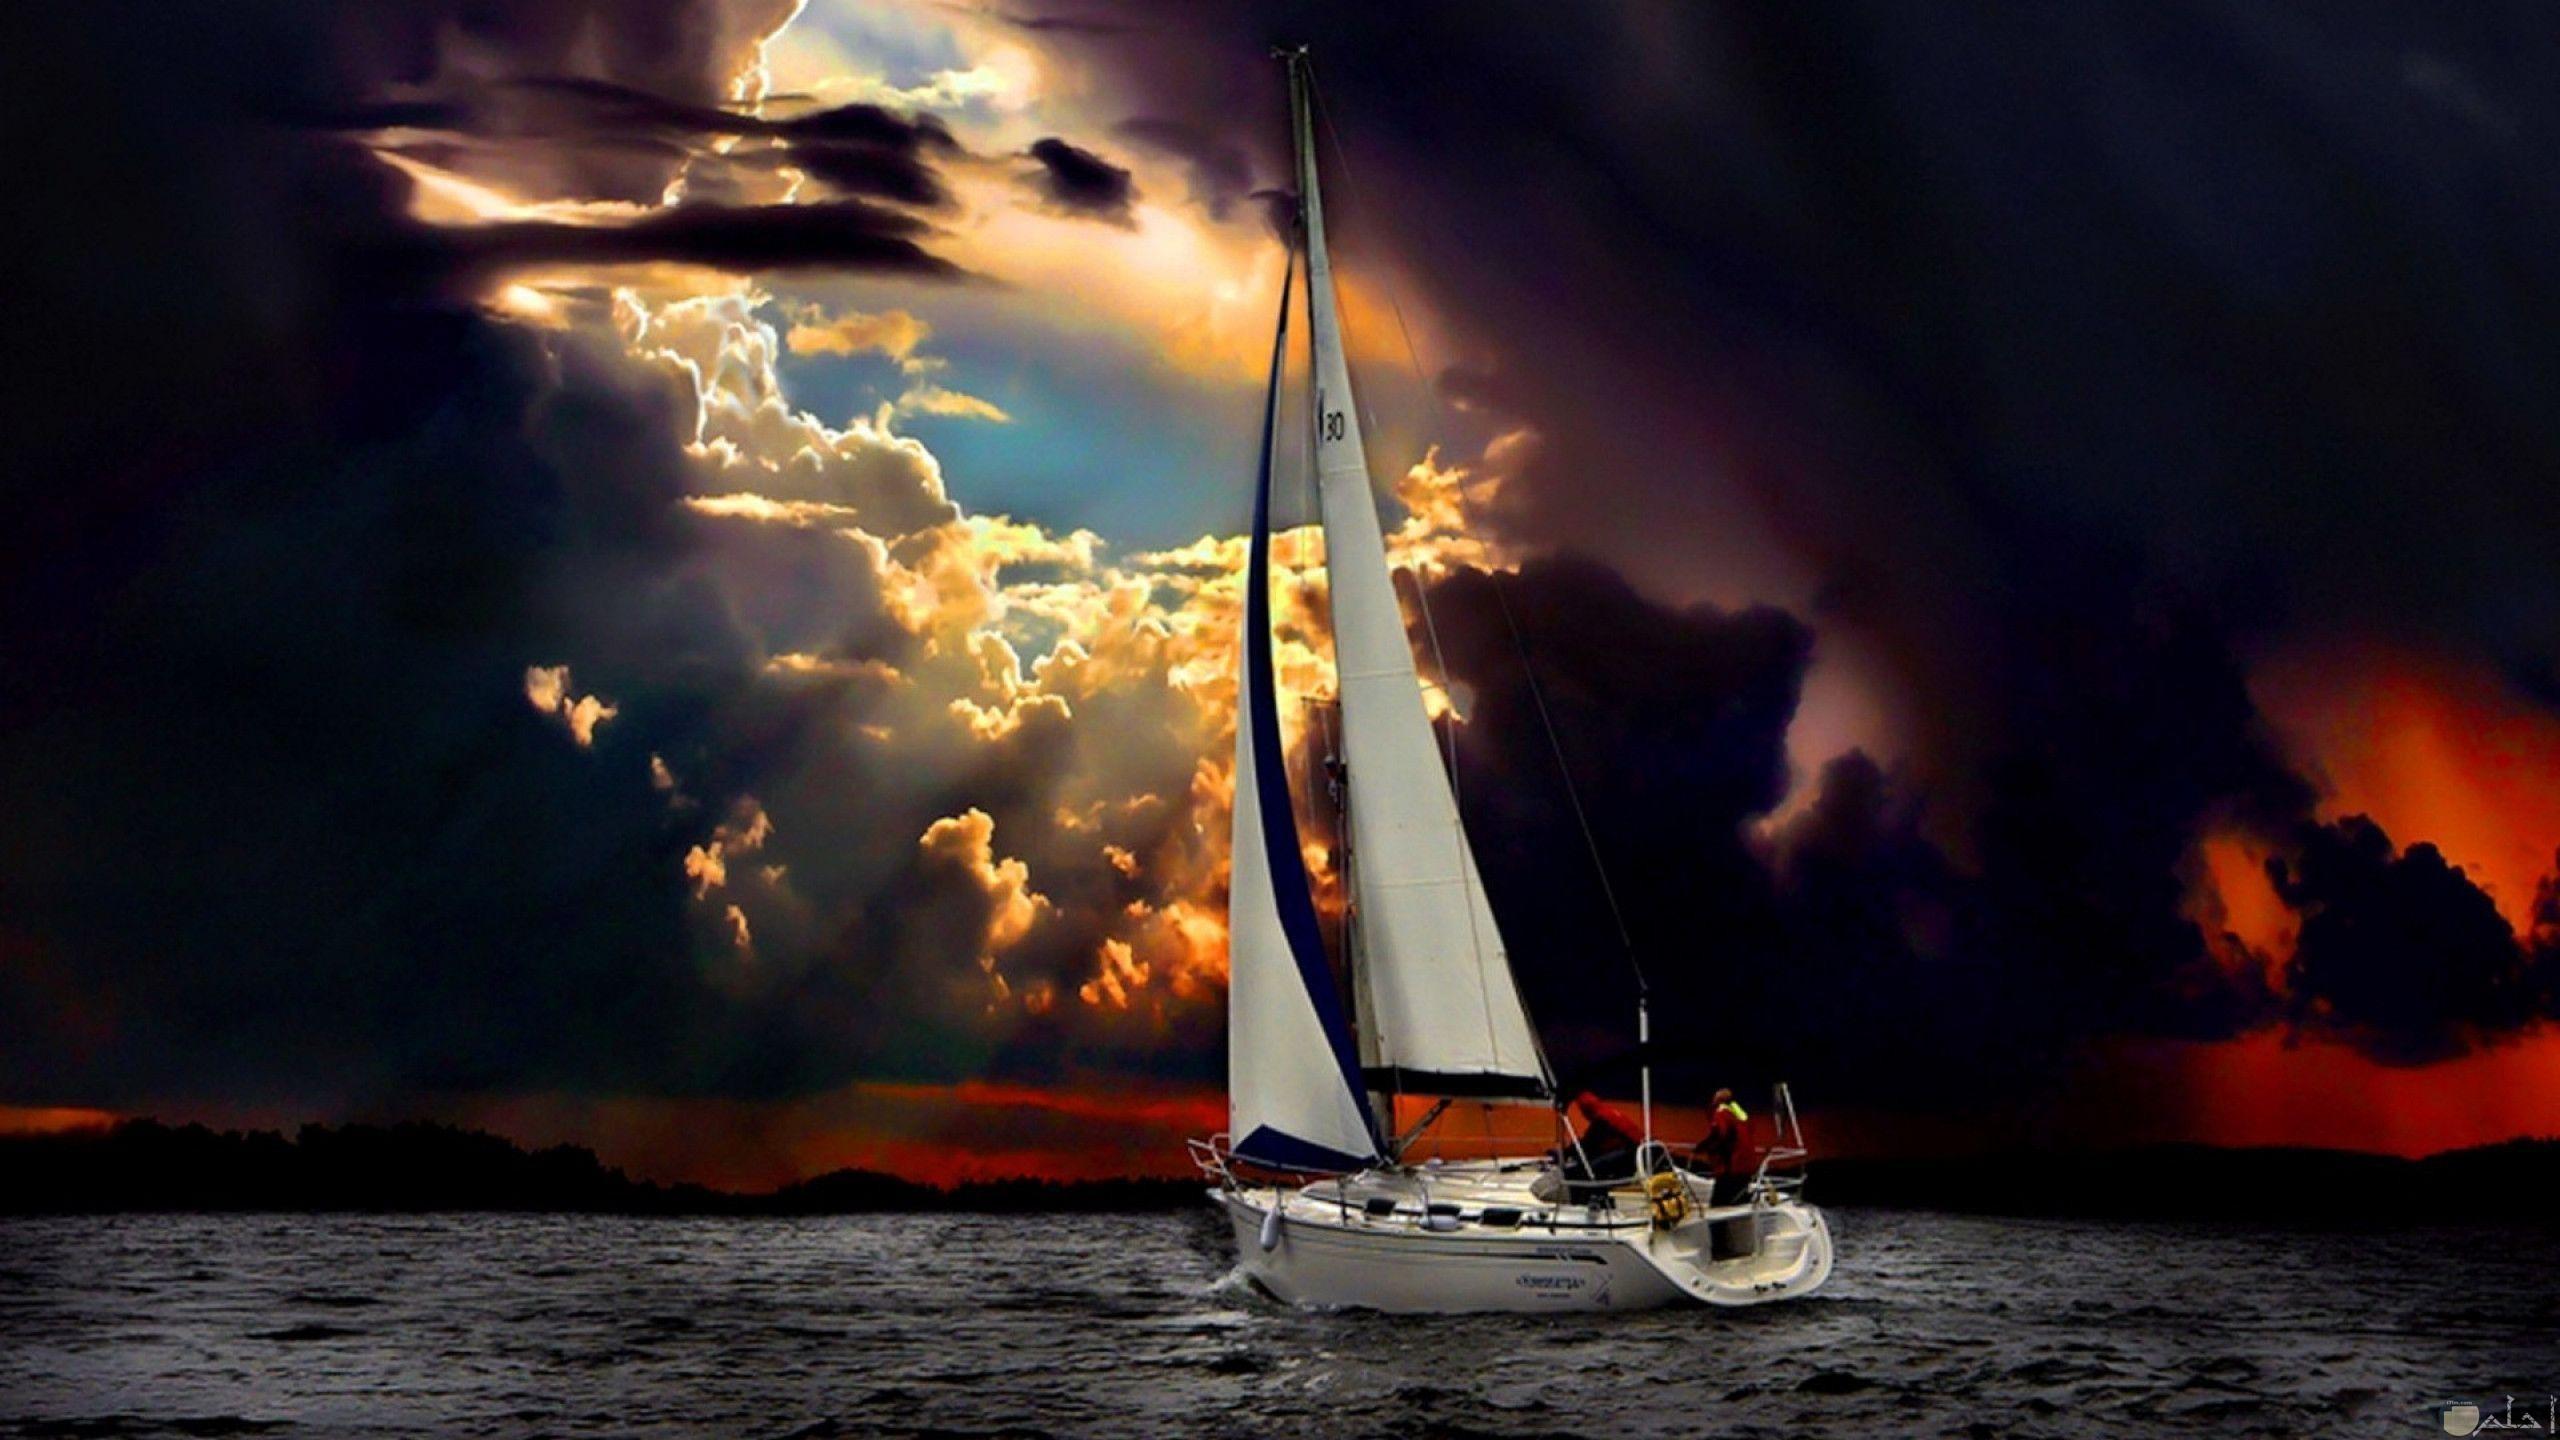 سفينة بحرية و قت الغيوم السوداء _ خلفية حزينة.